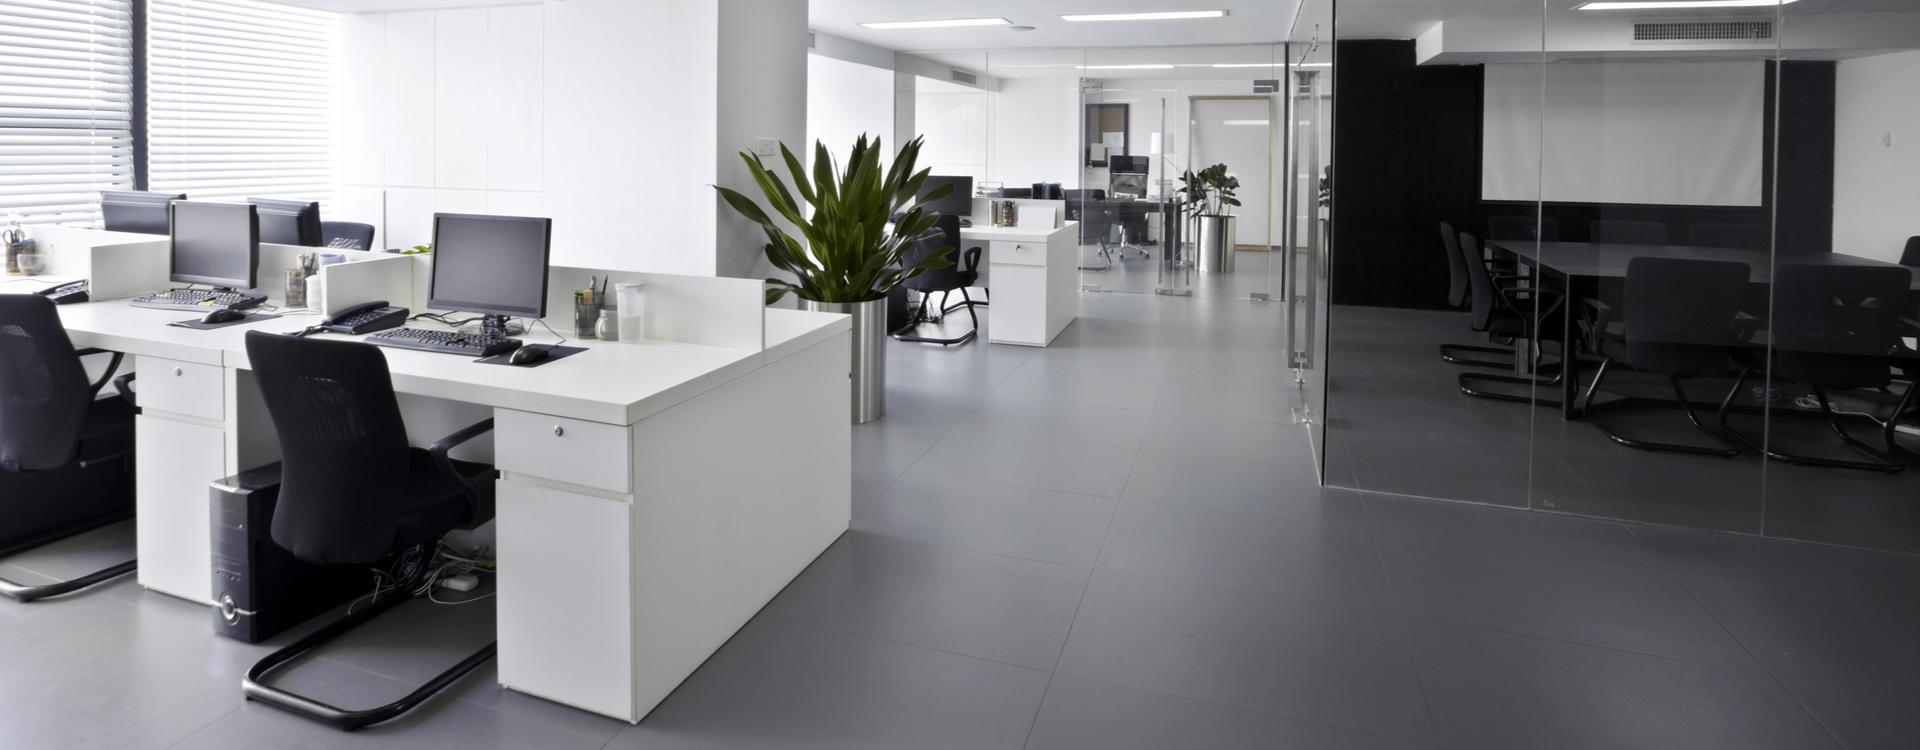 שירותי ניקיון משרדים במרכז